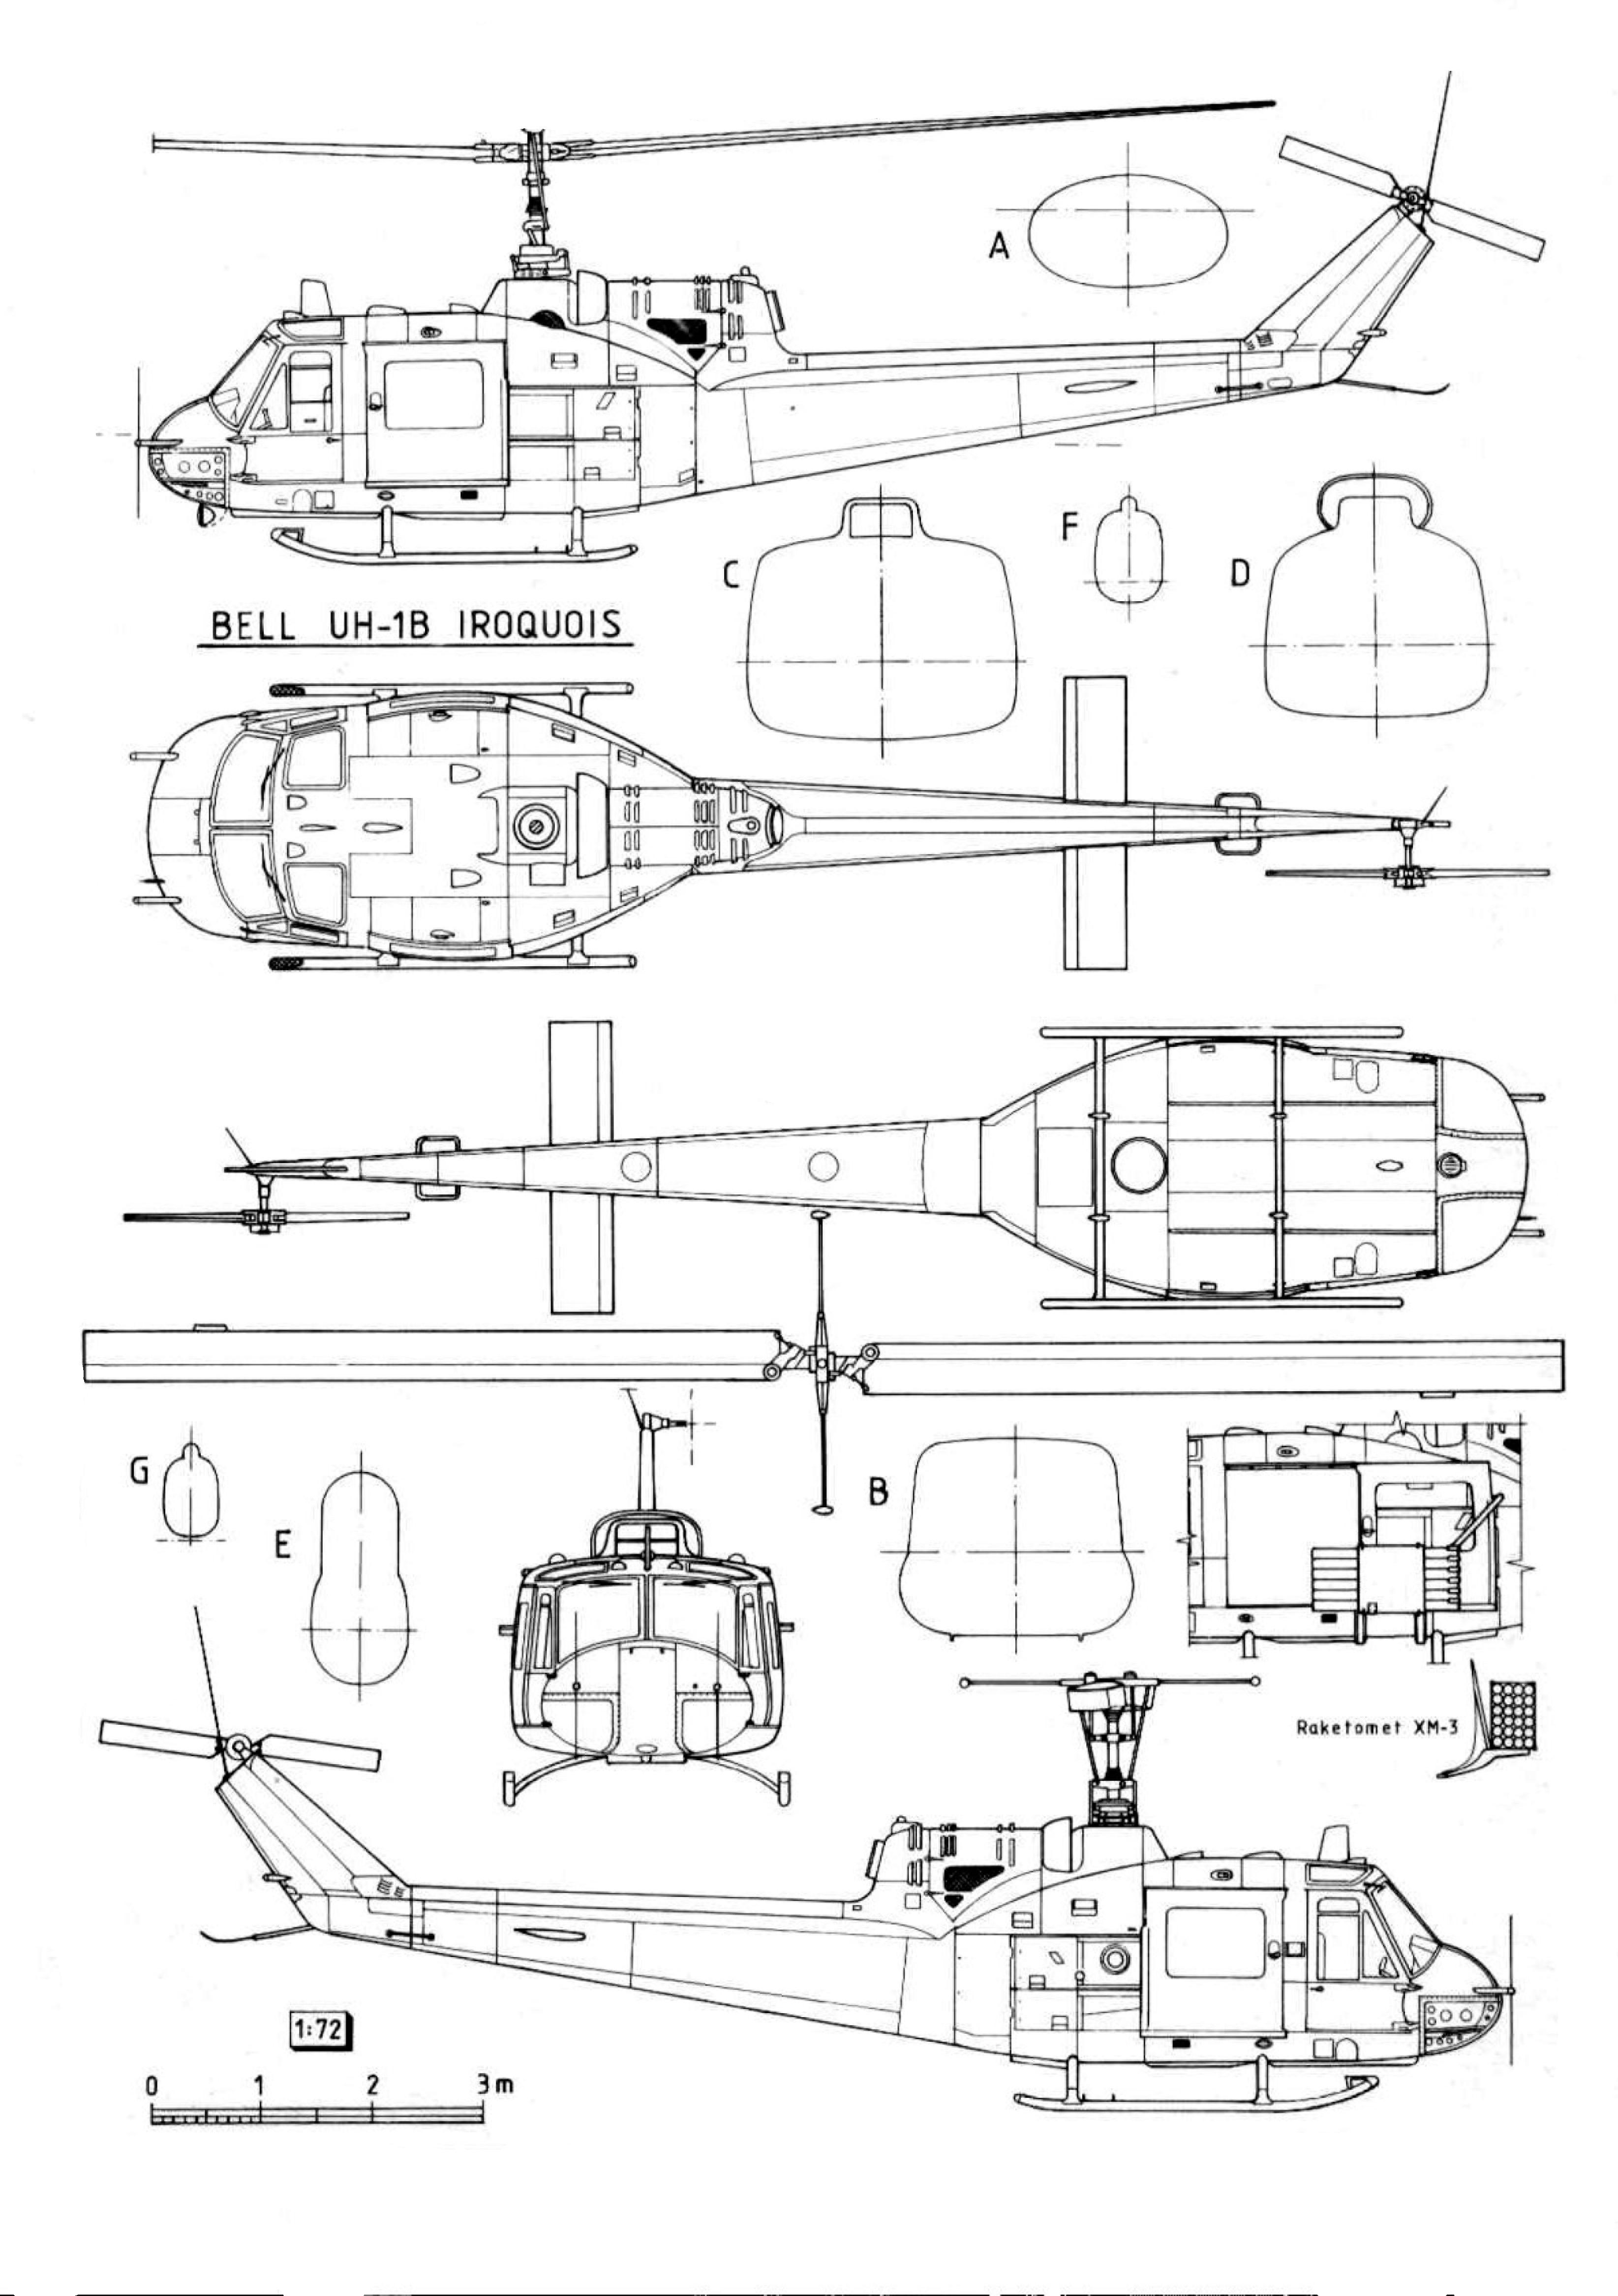 Bell UH 1 Iroquois Blueprint